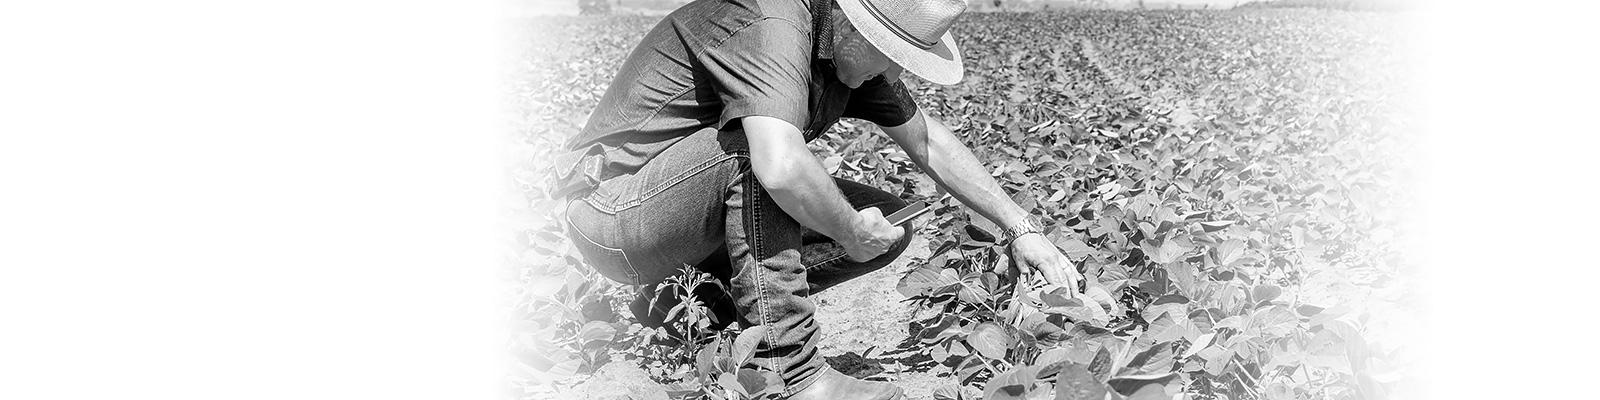 ブラジル 農家 スマートフォン イメージ